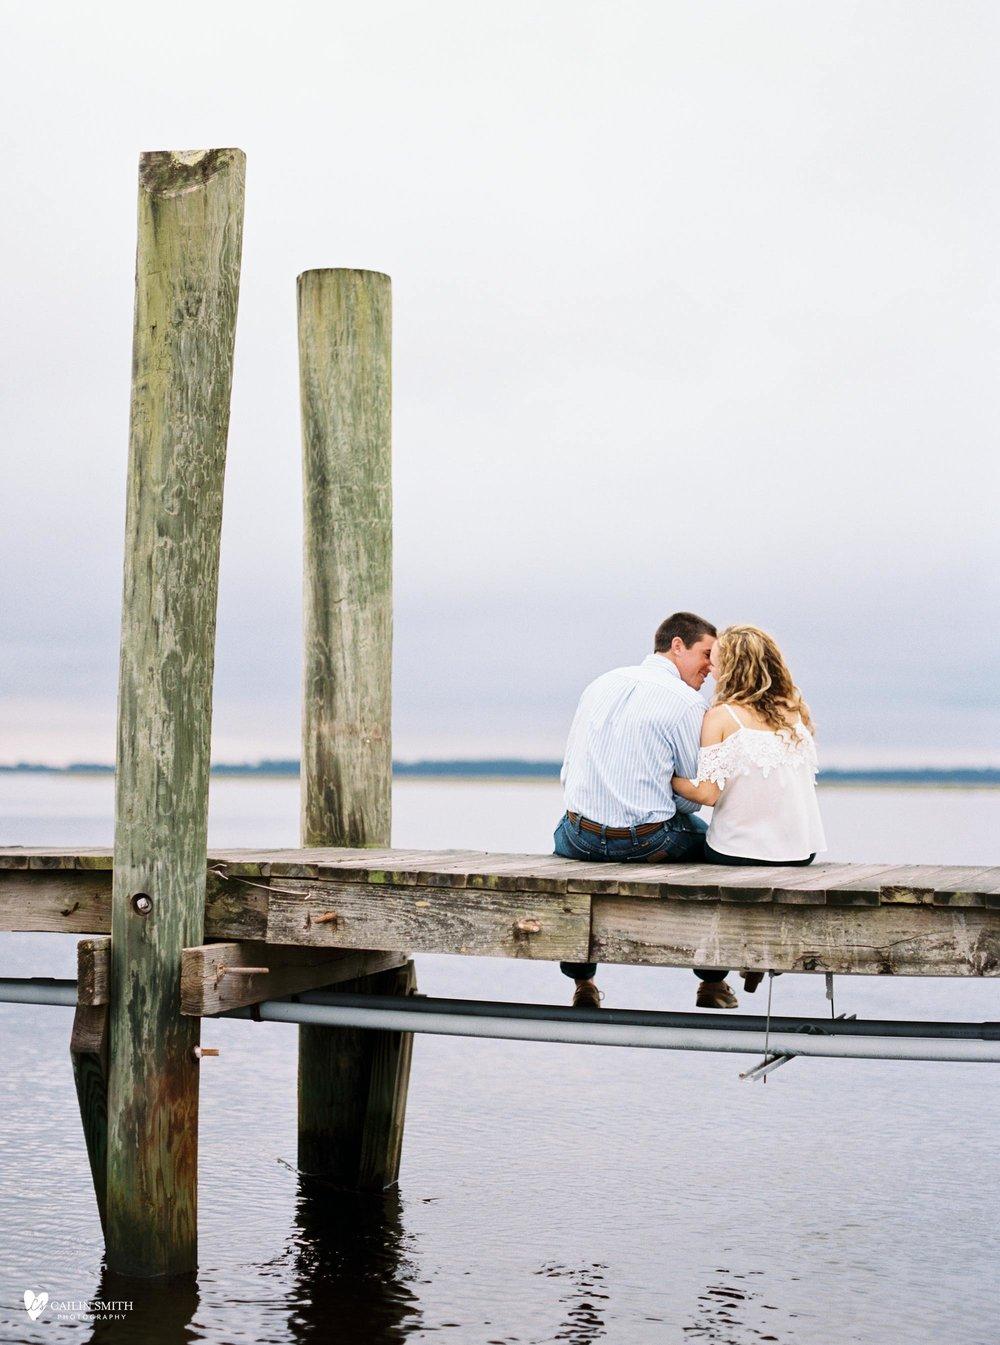 Leah_Major_Saint_Mary's_Engagement_Photography_006.jpg